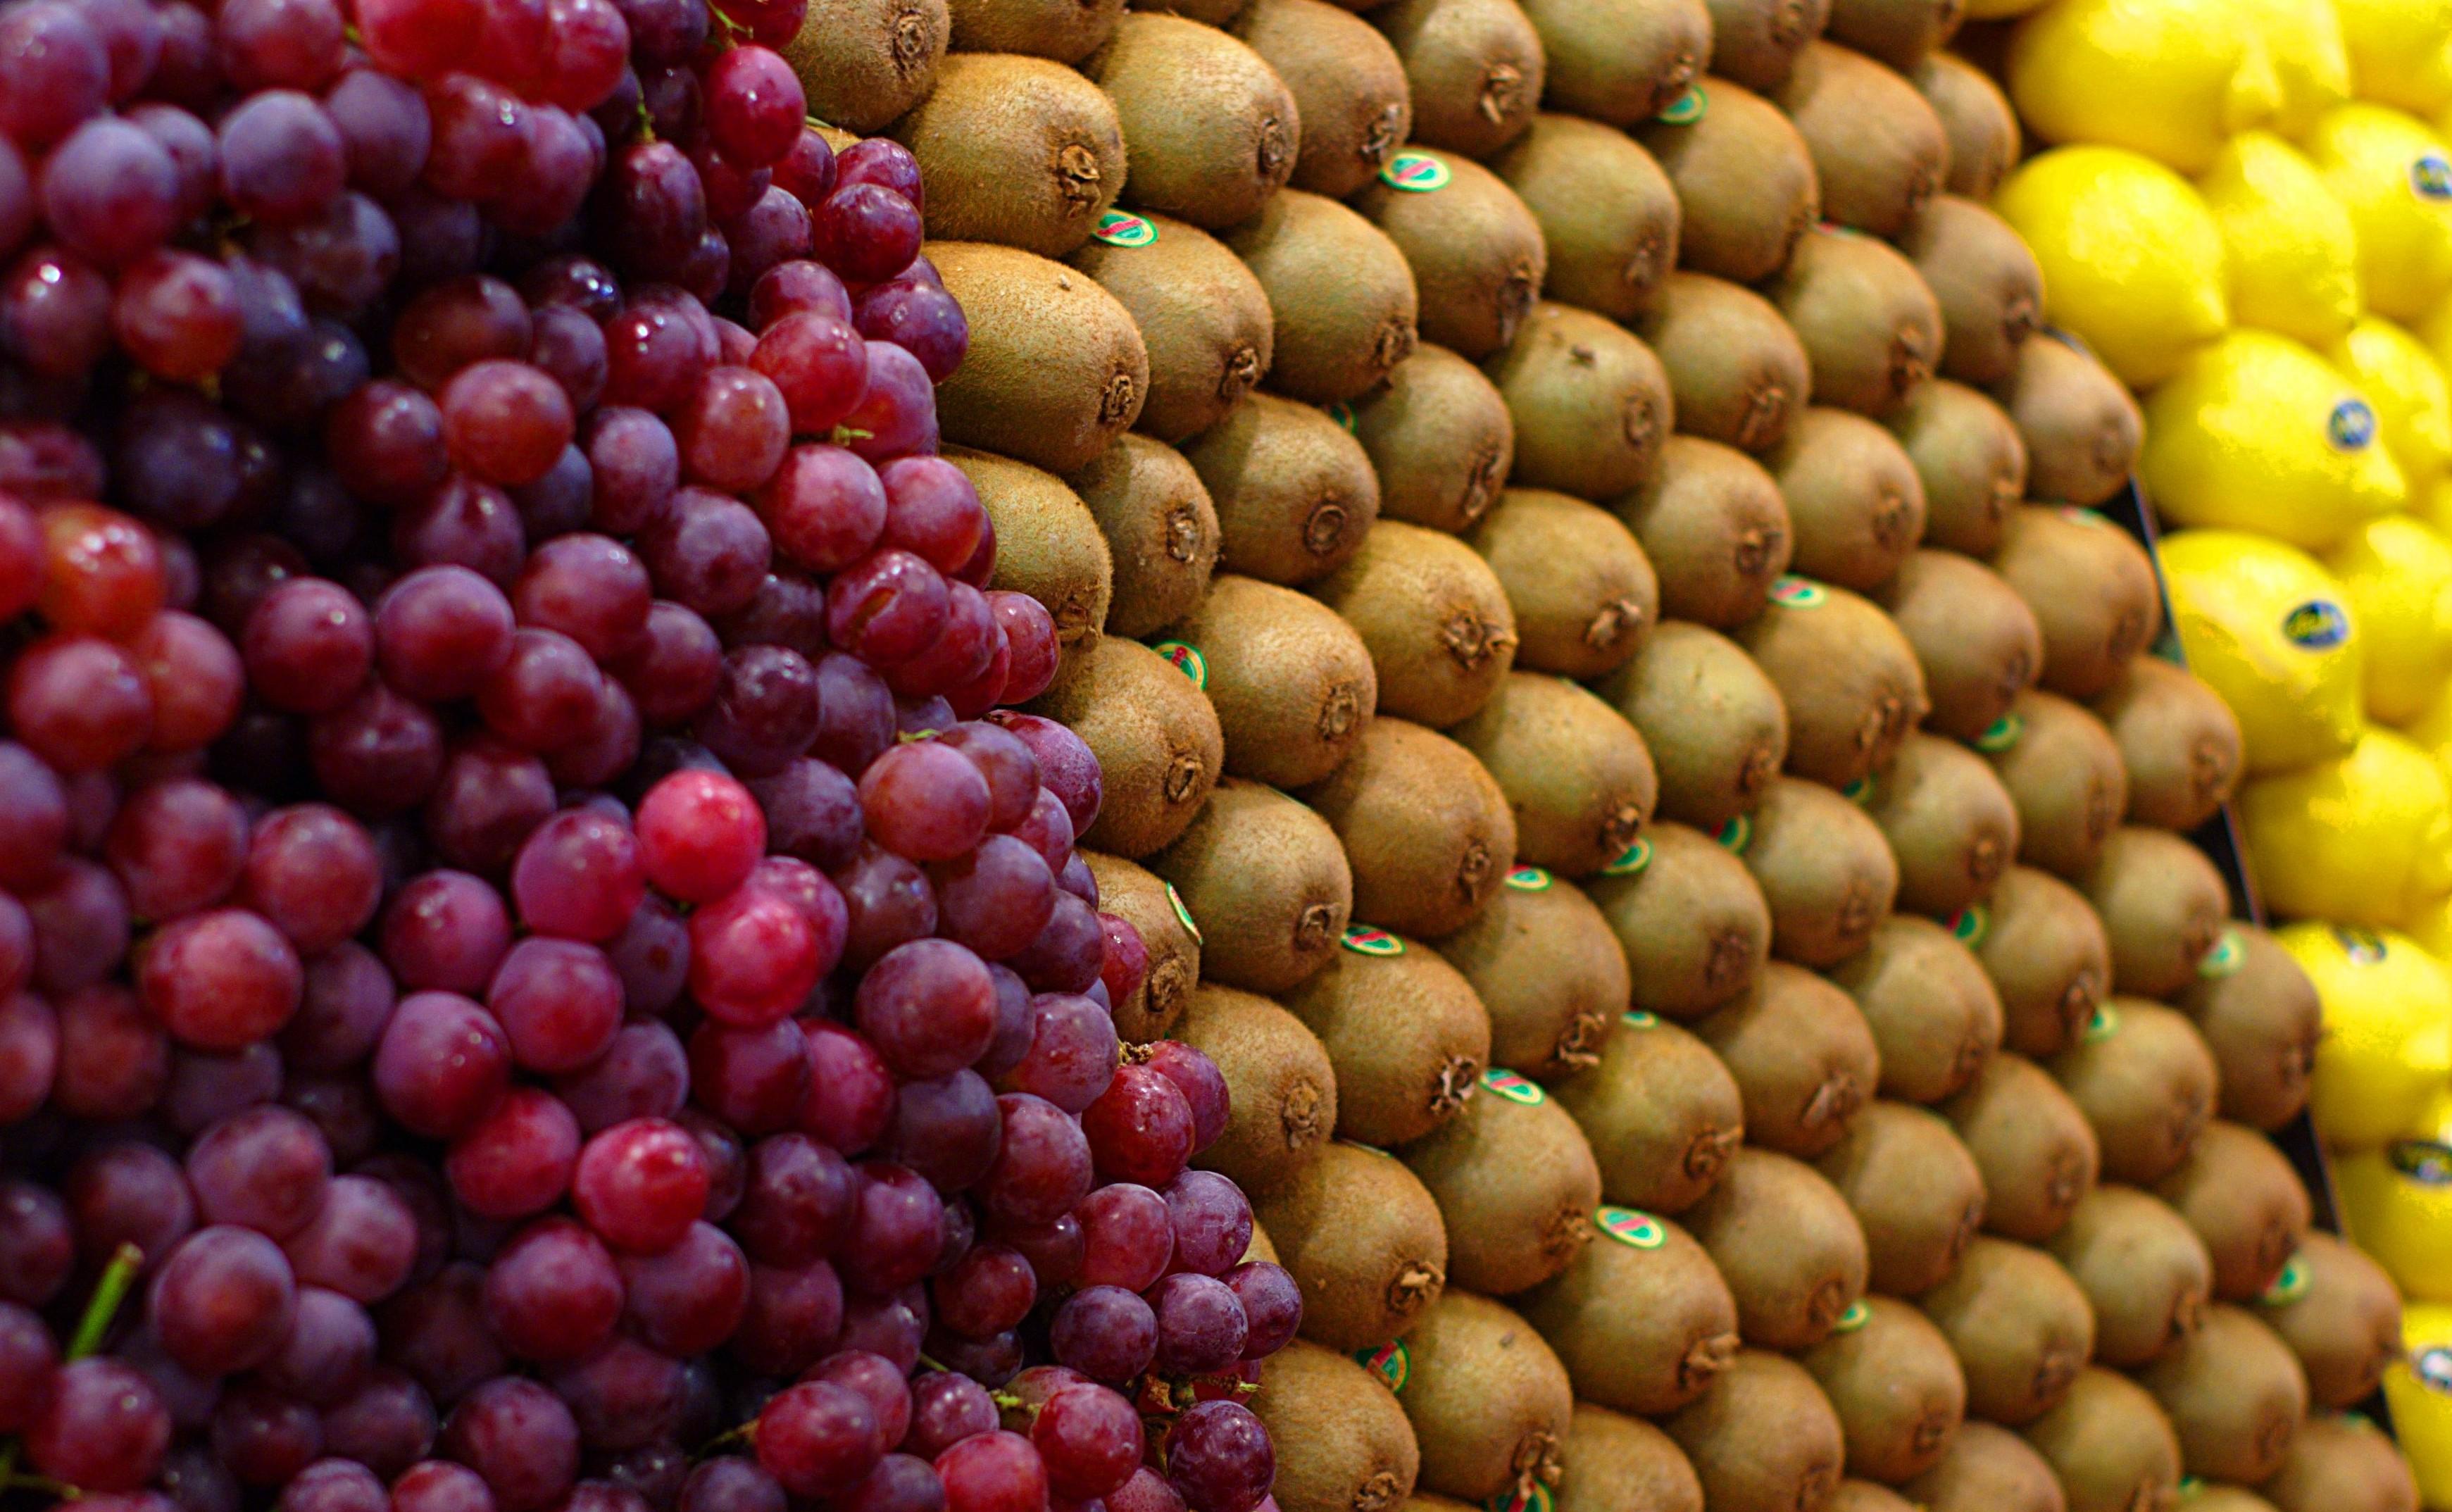 Kiwifruit and others